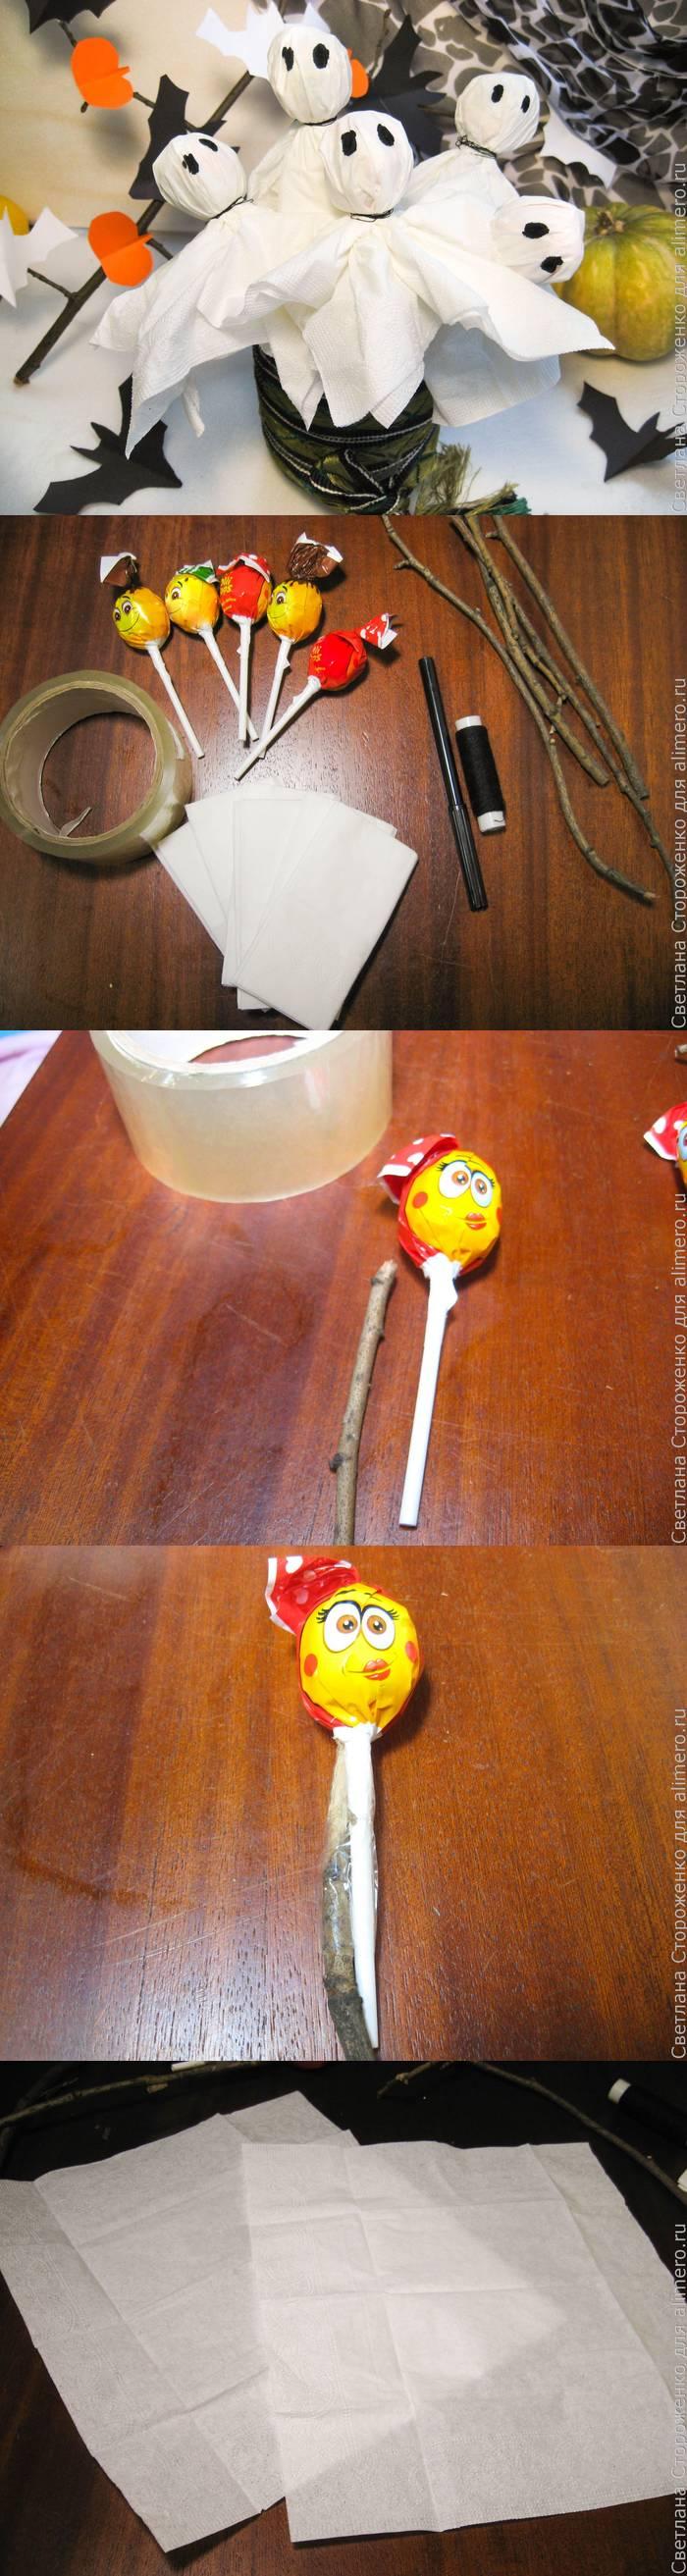 МК Приведения на Хэллоуин из конфет на палочке